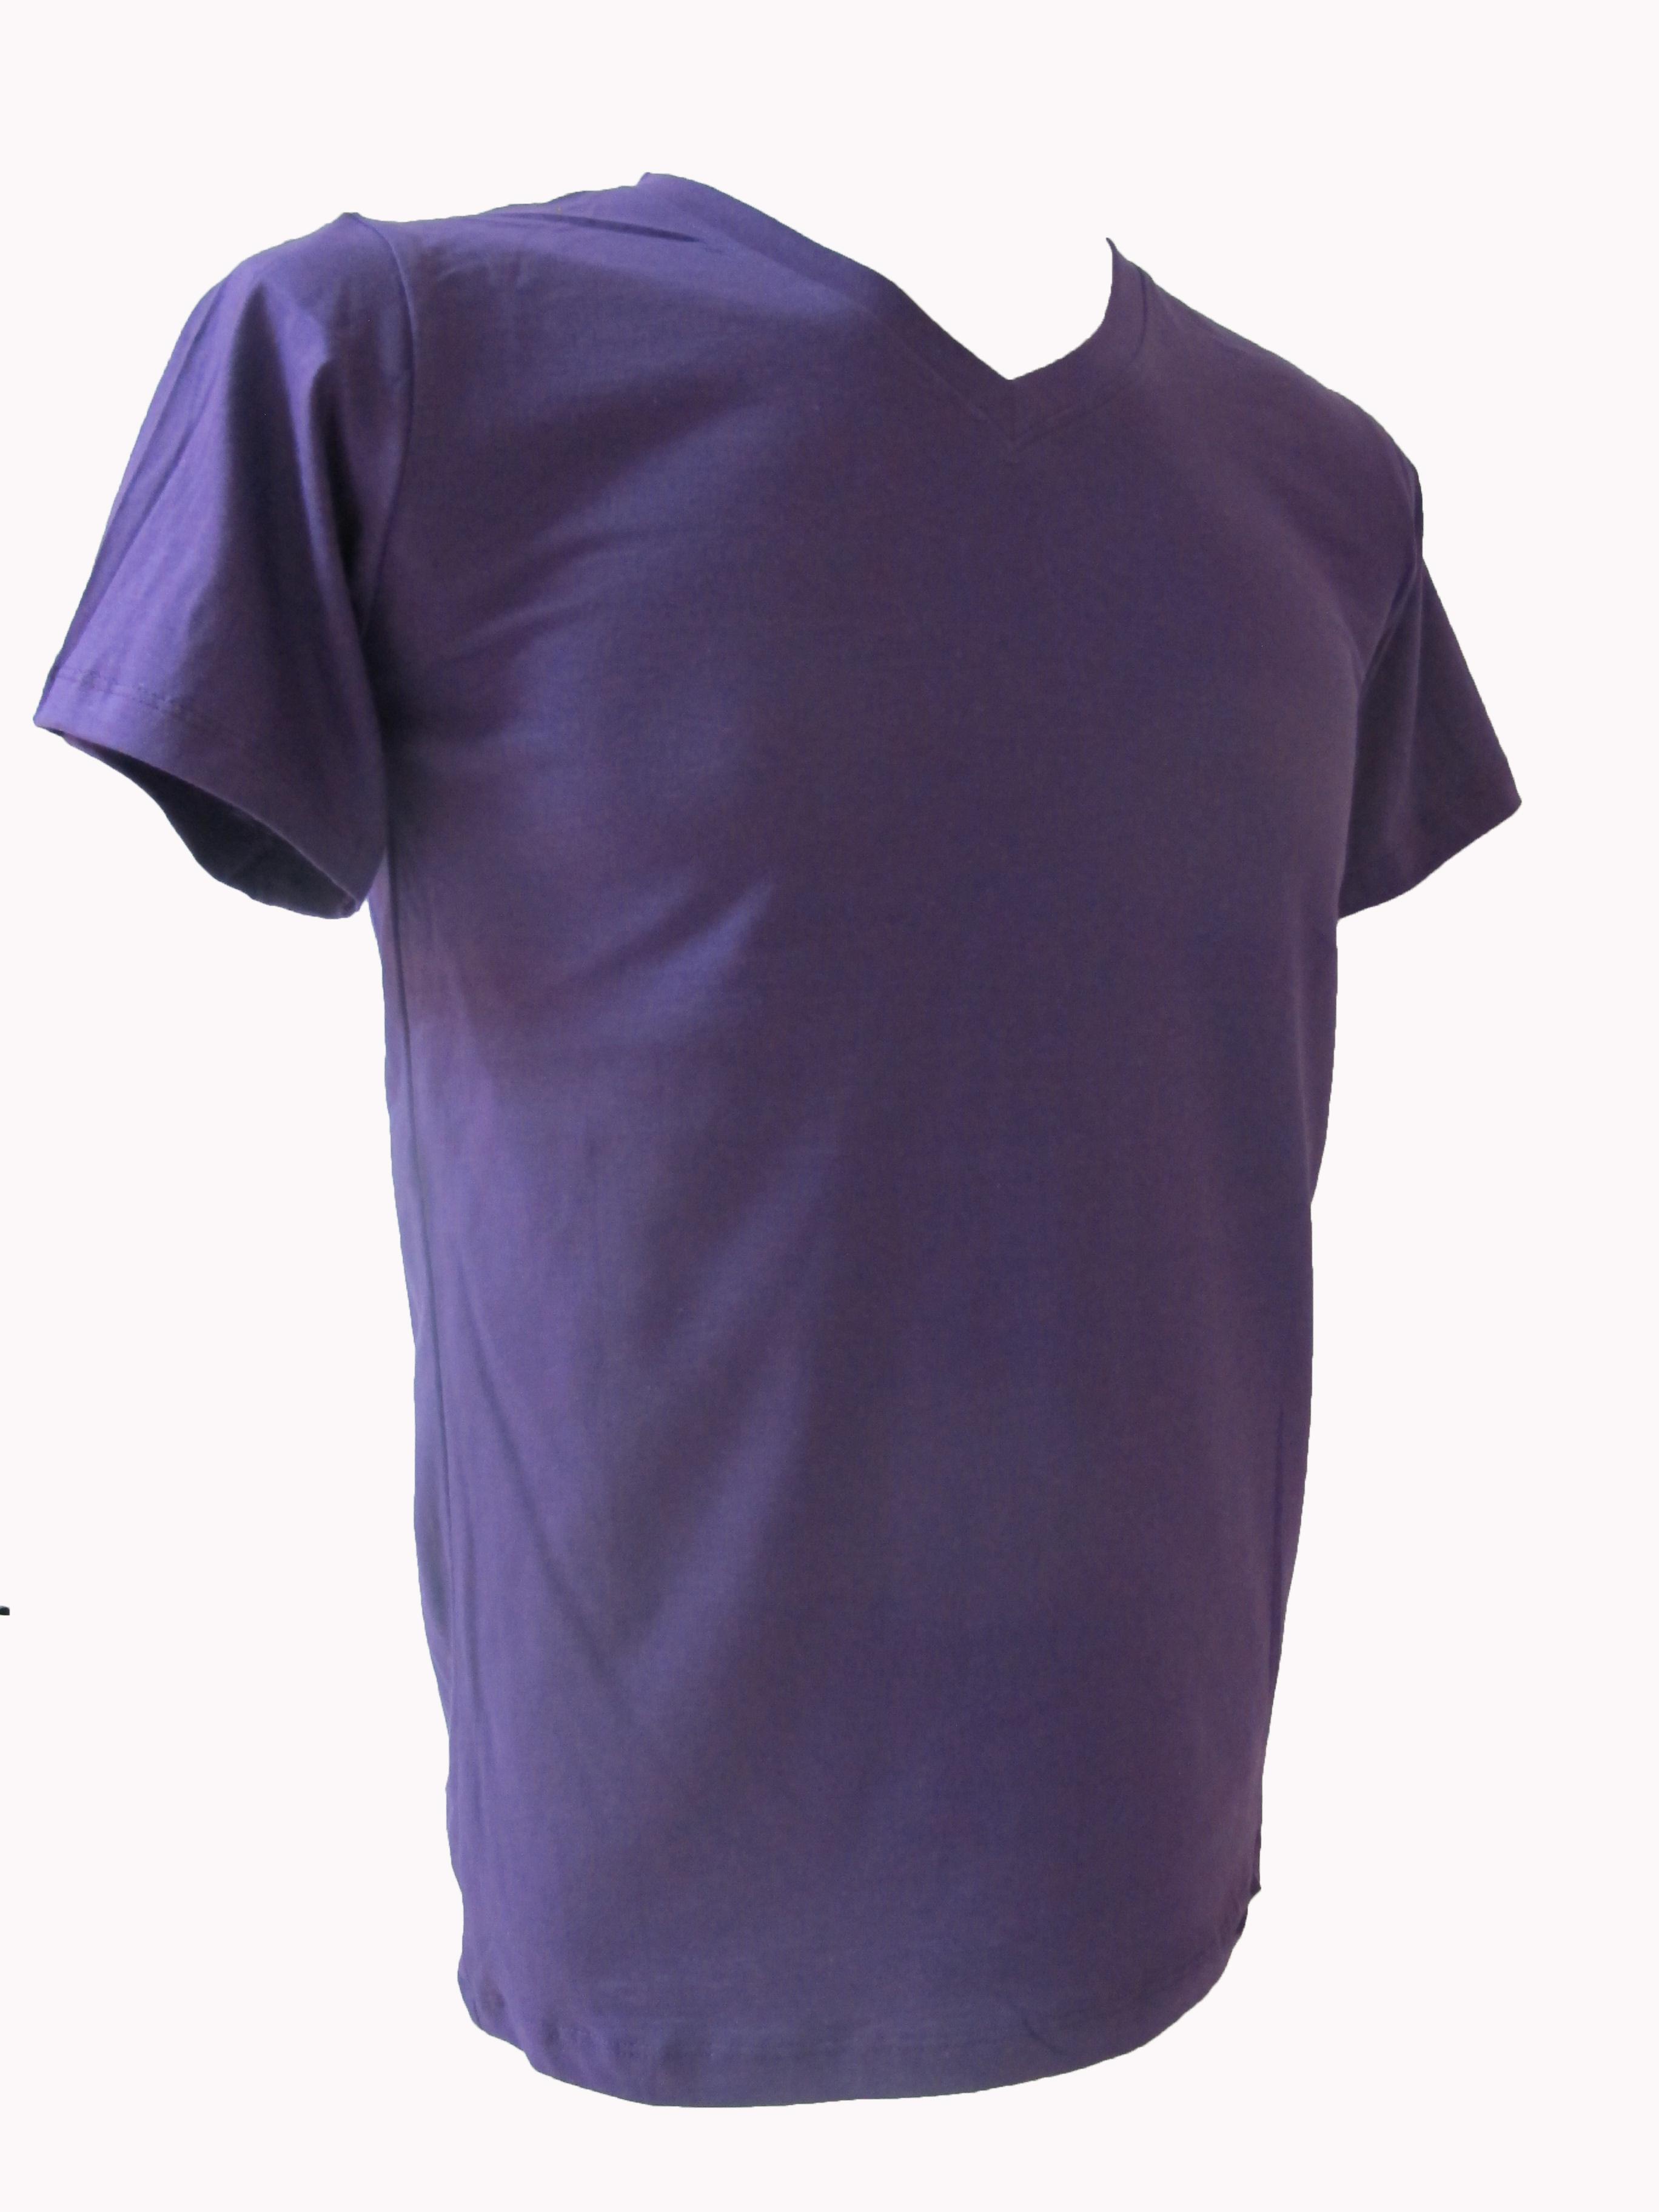 COTTON100% เบอร์32 เสื้อยืดแขนสั้น คอวี สีม่วง